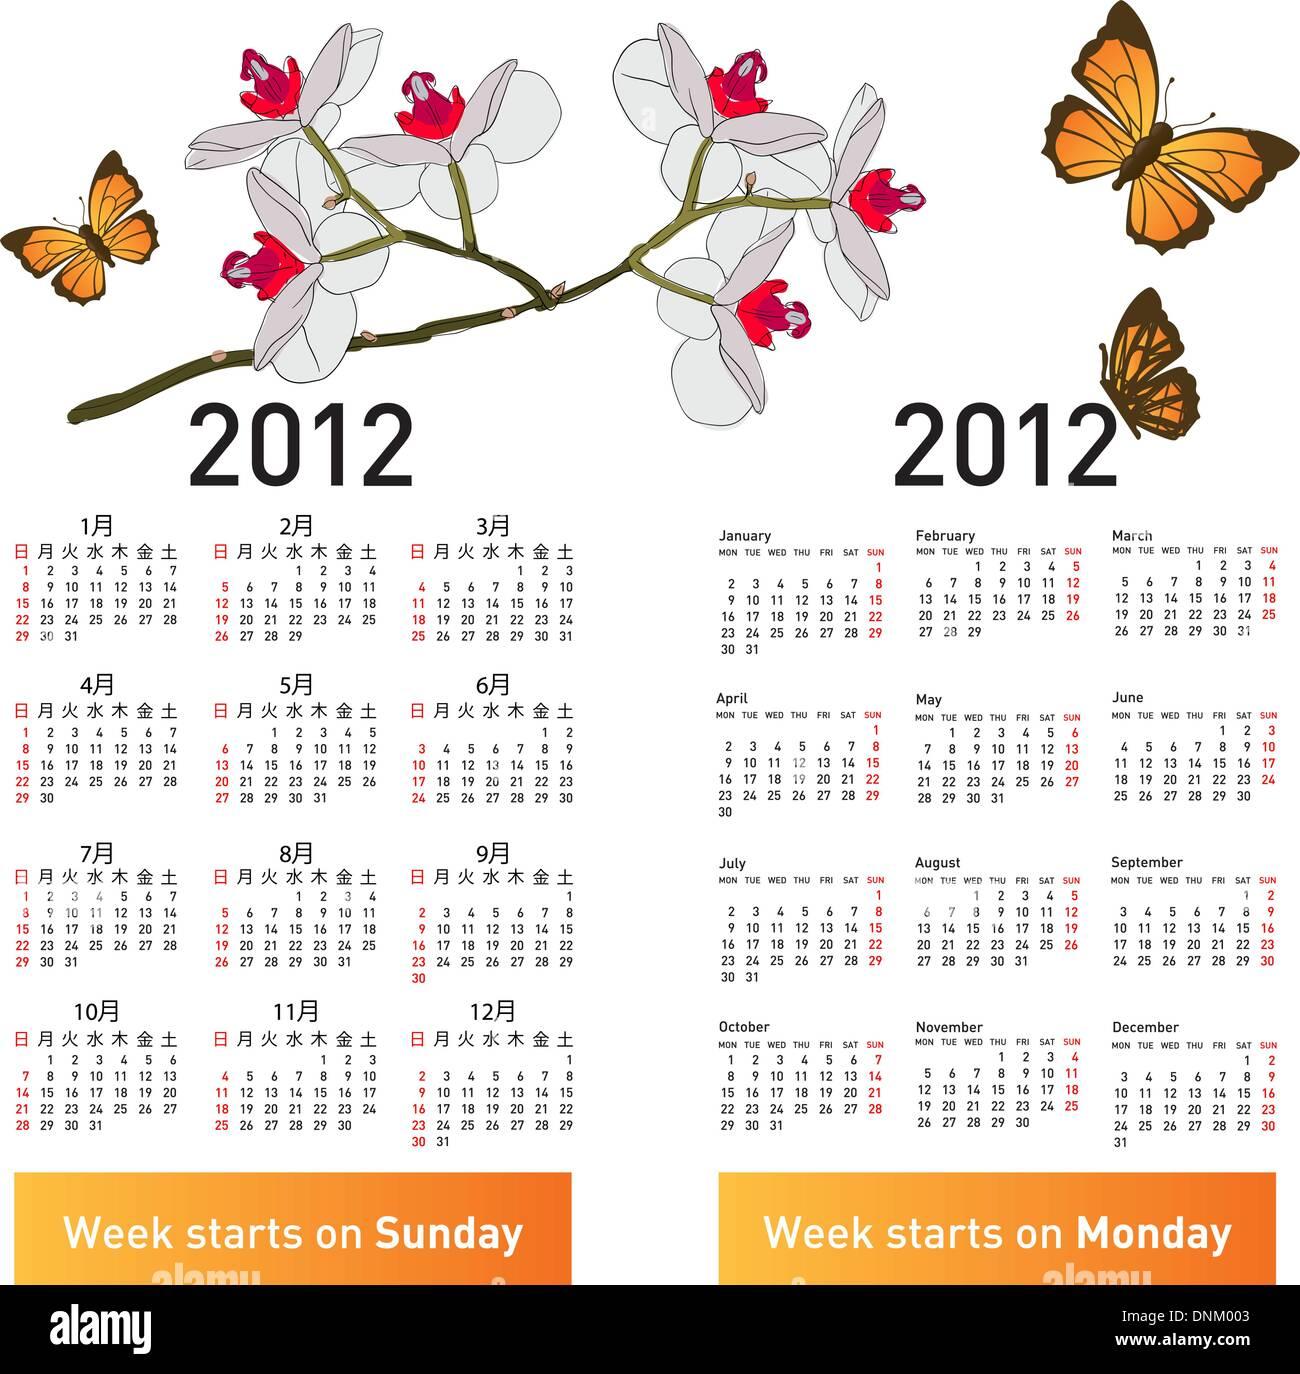 Calendario Giapponese.Elegante Calendario Giapponese Con Fiori E Farfalle Per 2012